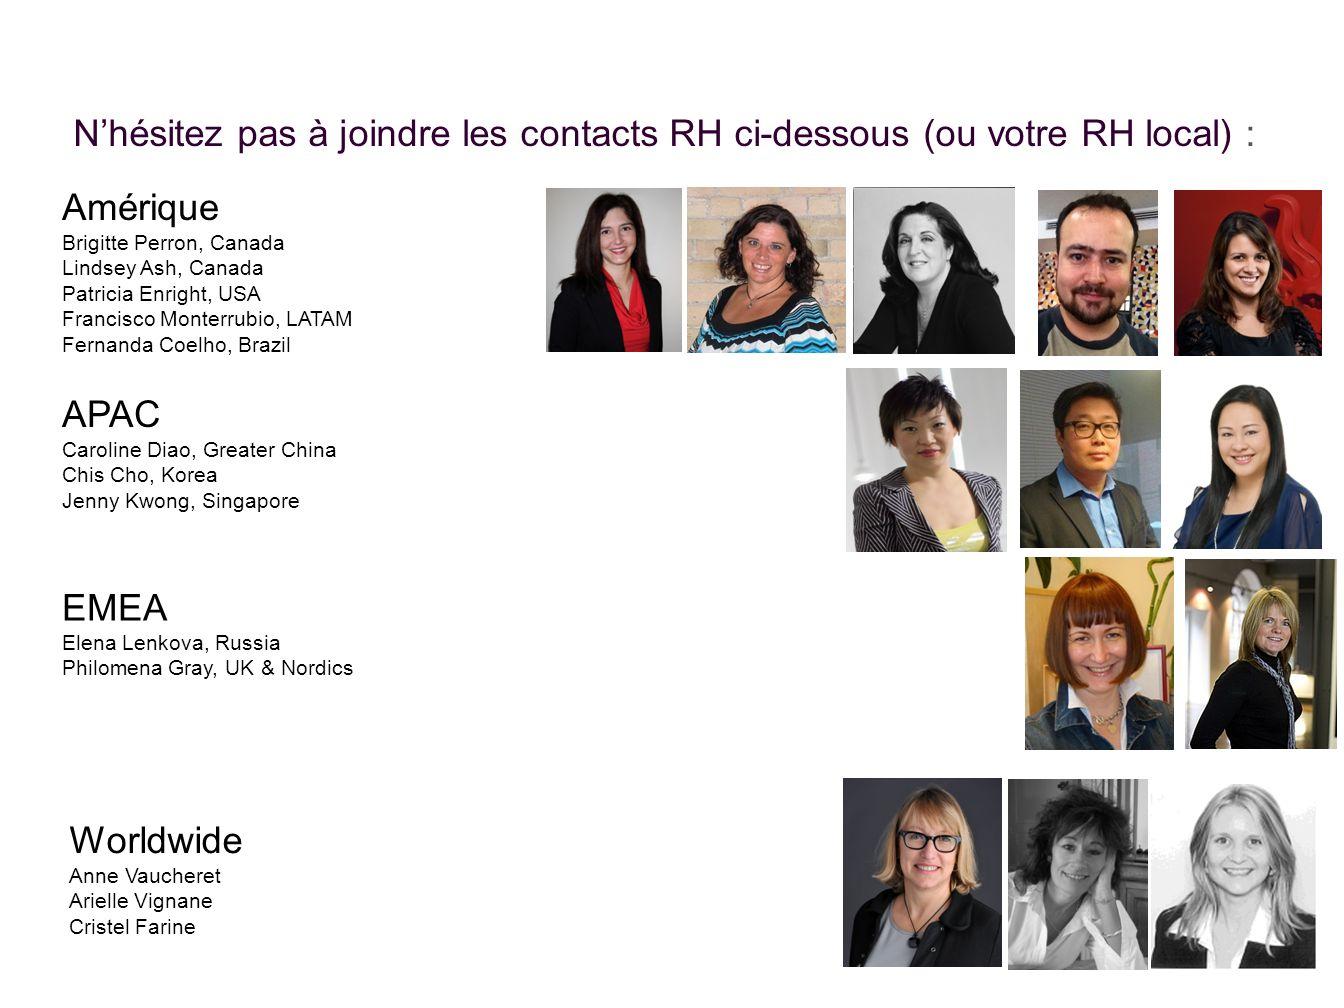 N'hésitez pas à joindre les contacts RH ci-dessous (ou votre RH local) :